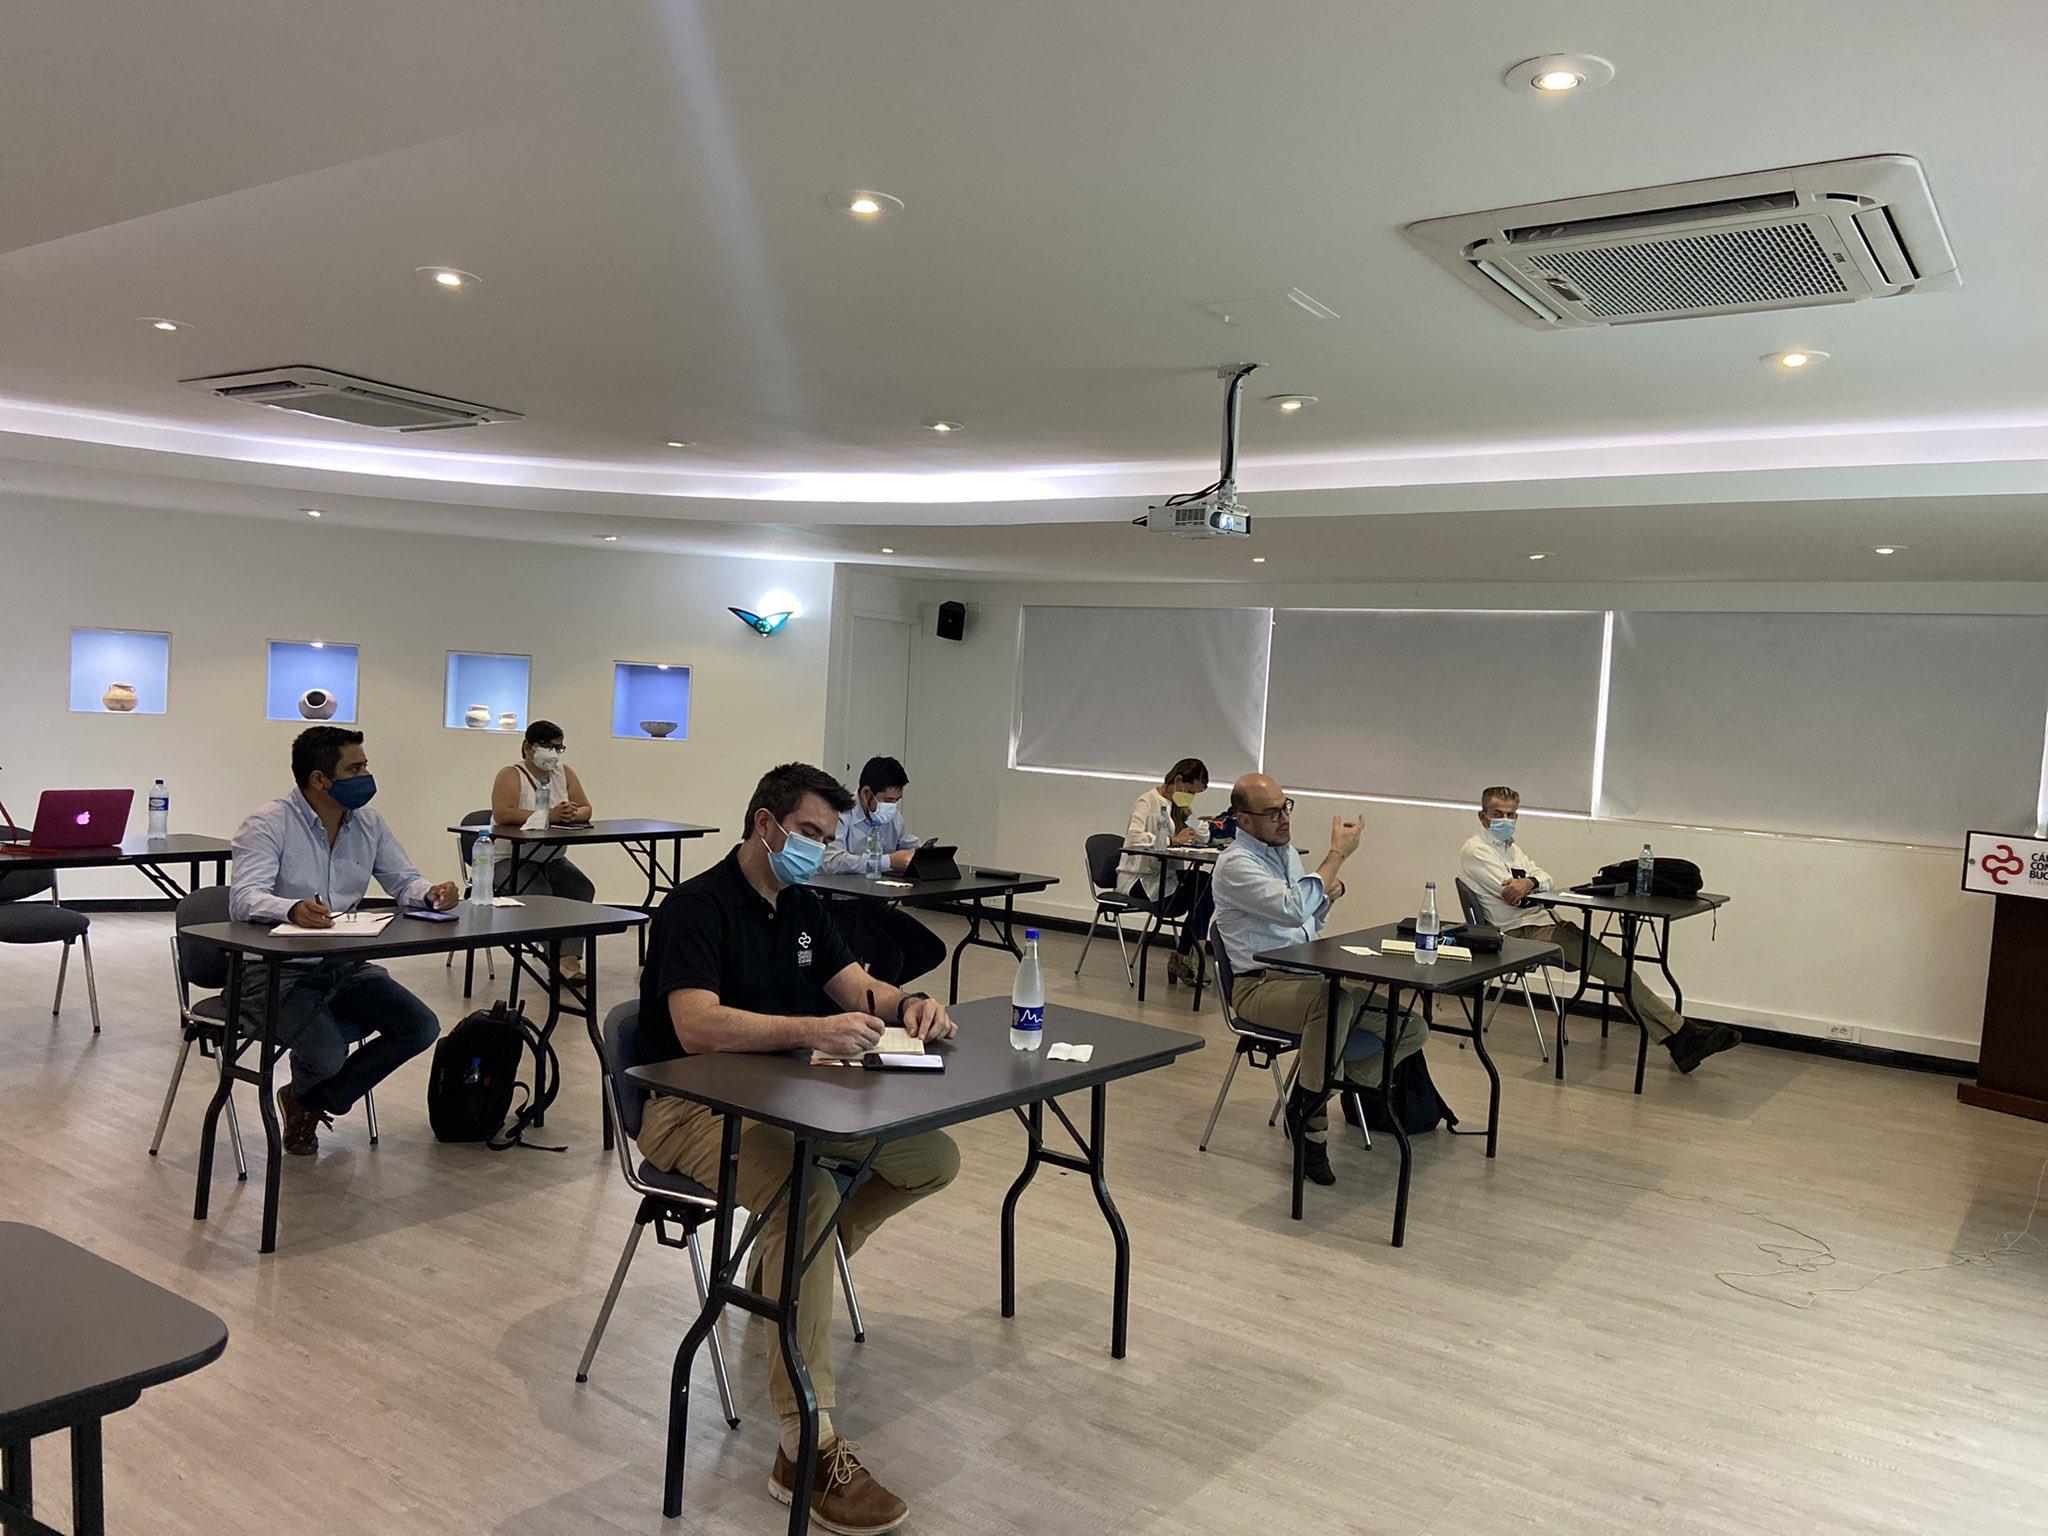 La Cámara de Comercio de Bucaramanga lideró encuentro de seguimiento a proyectos de infraestructura con la ANI